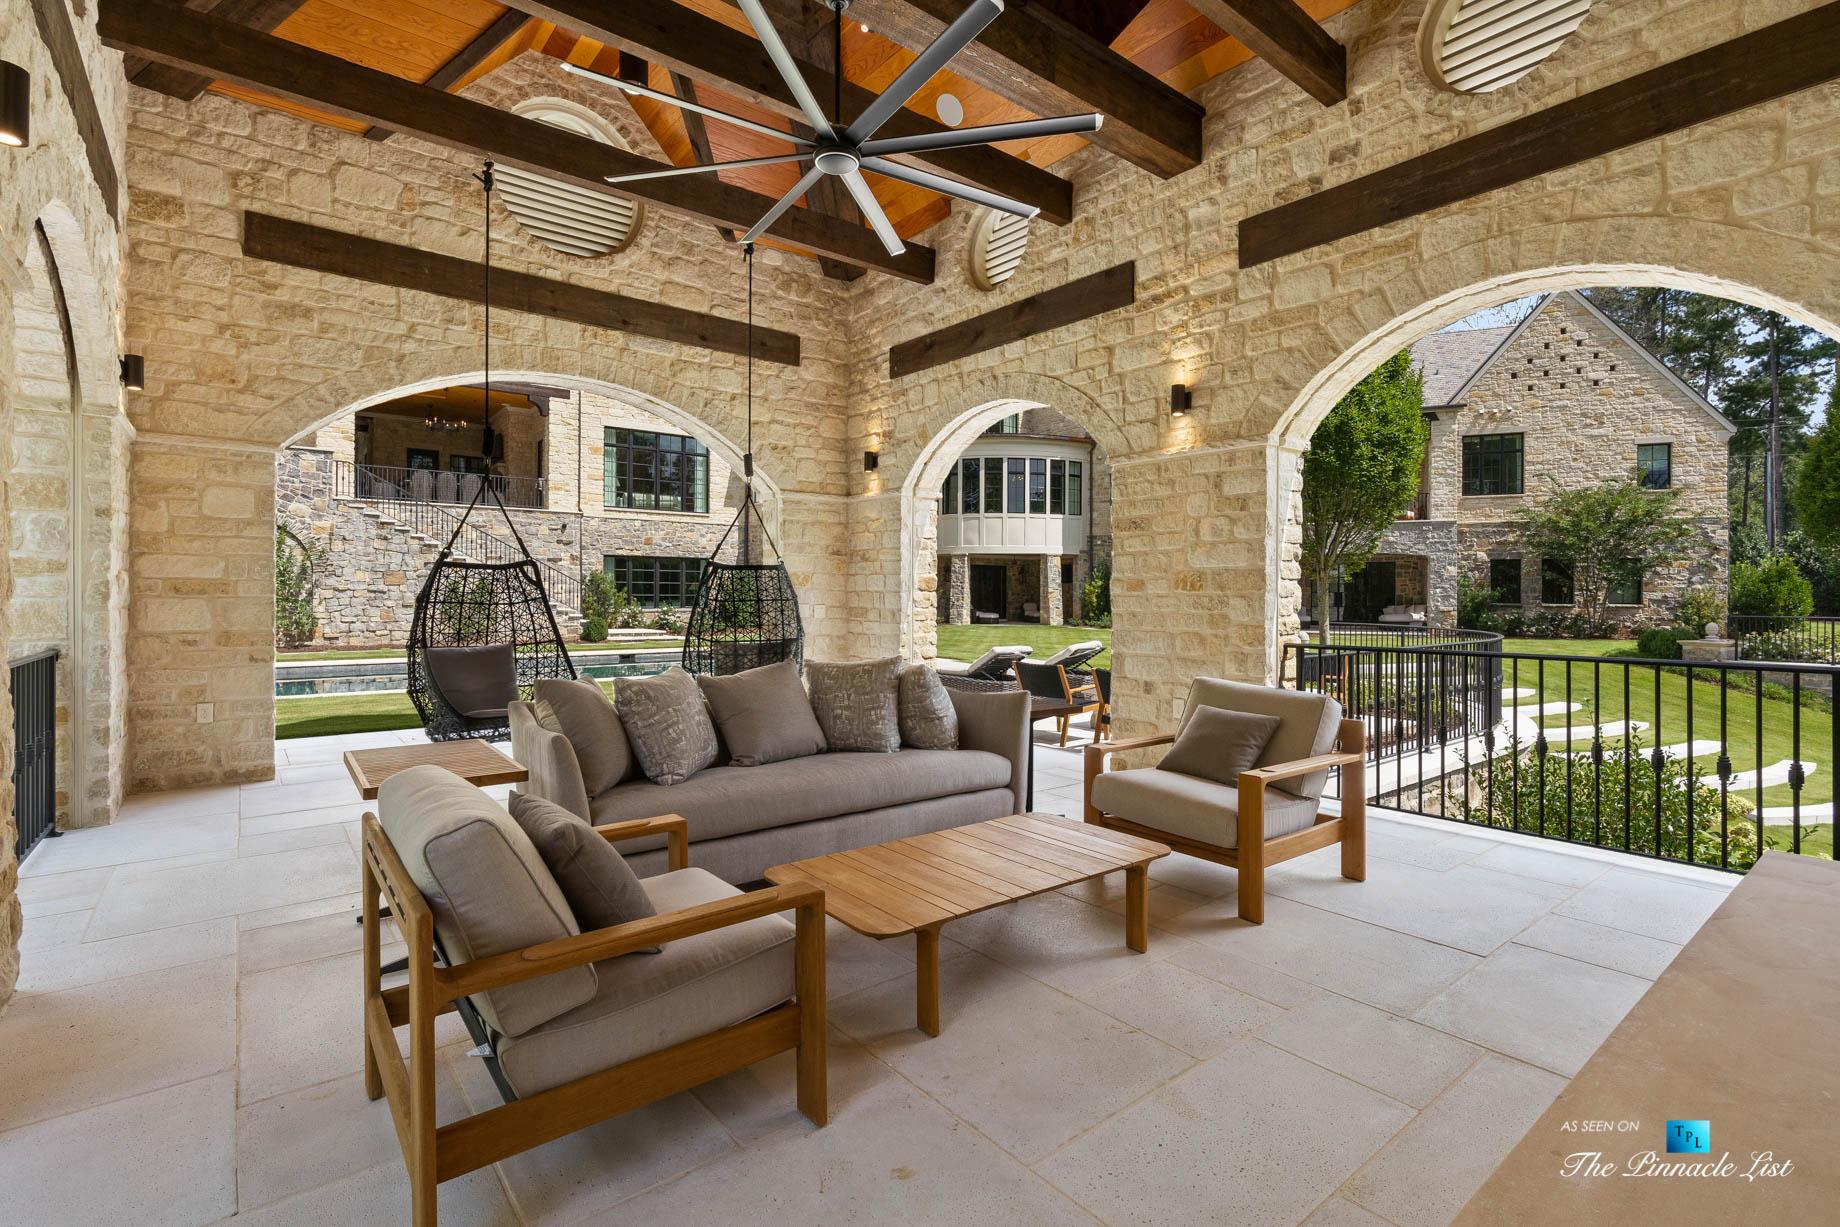 1150 W Garmon Rd, Atlanta, GA, USA – Outdoor Covered Patio – Luxury Real Estate – Buckhead Estate Home